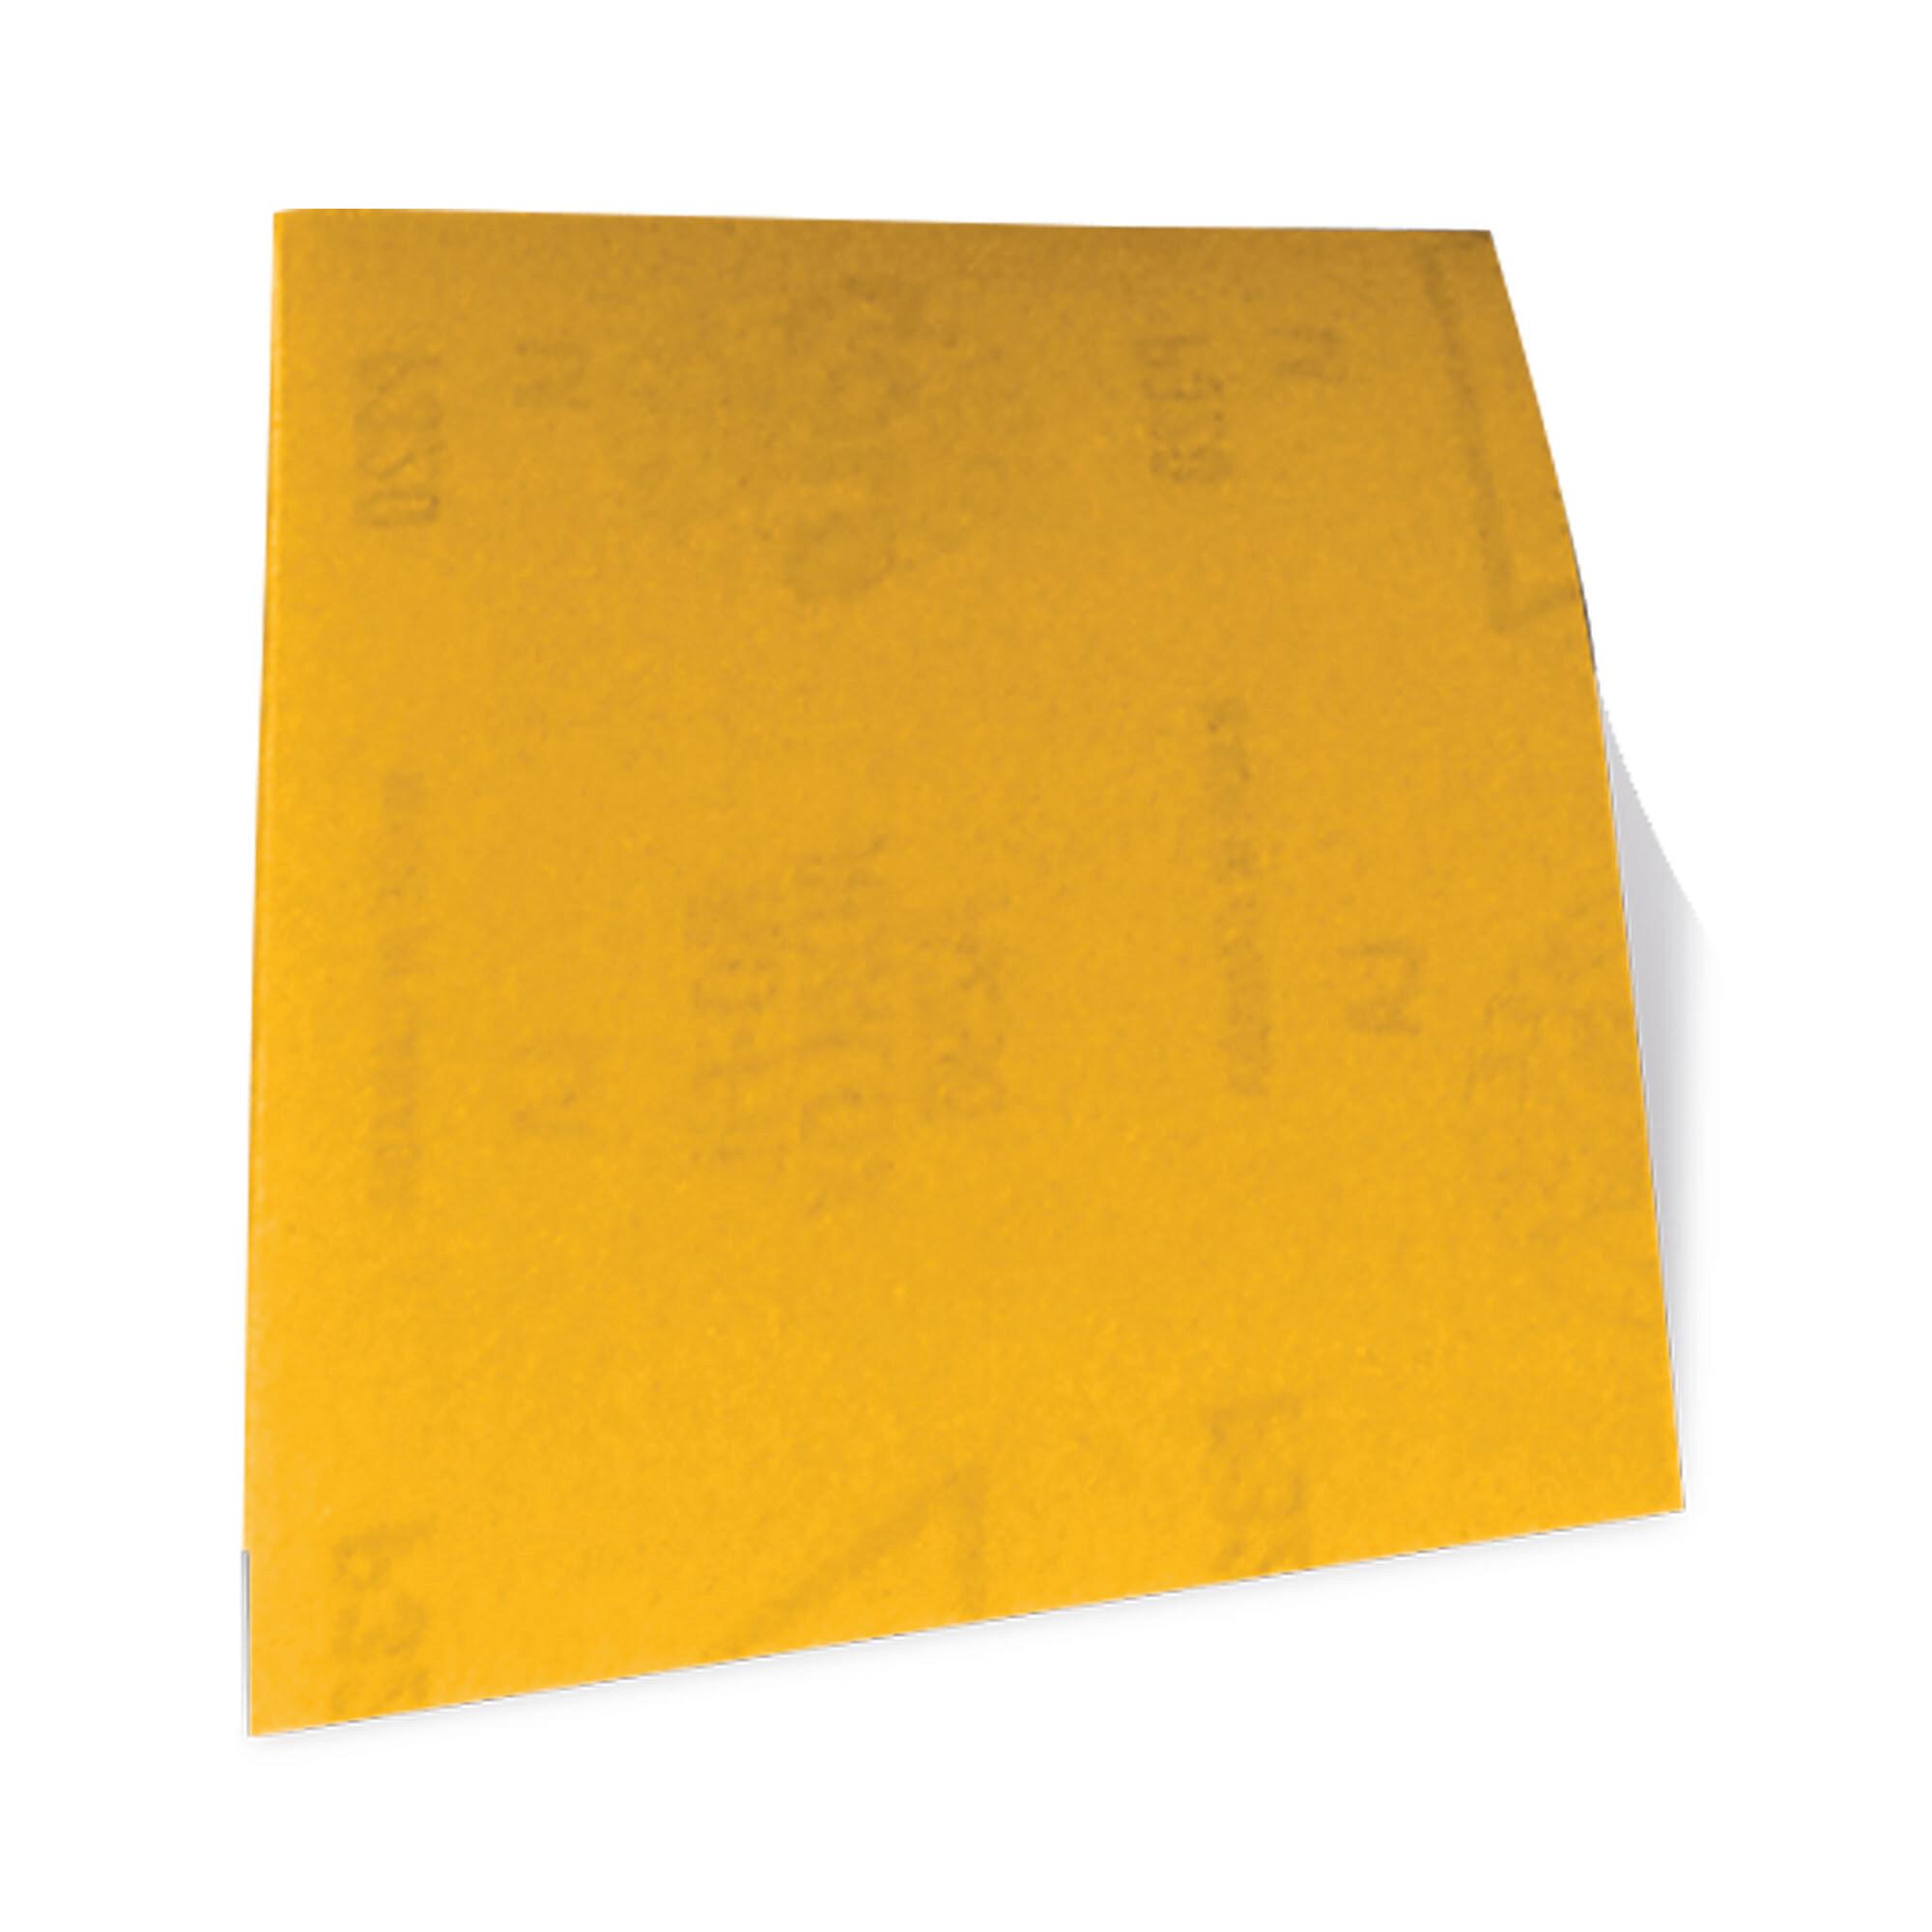 2 x NORTON Schleifrolle Schaumstoff  | 115 mm x 25 m A296 280 Weiß | 66261097597